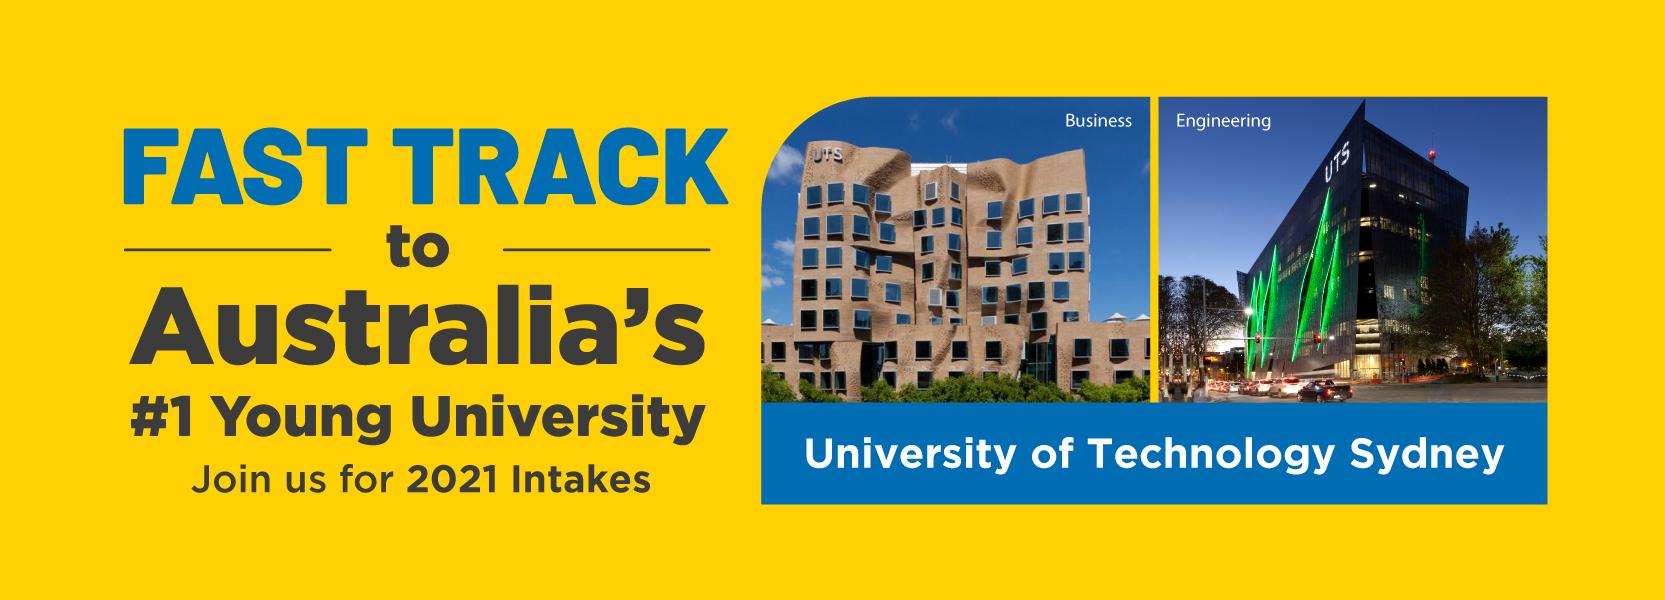 UIC-web-banner-UTS-2021-Intake